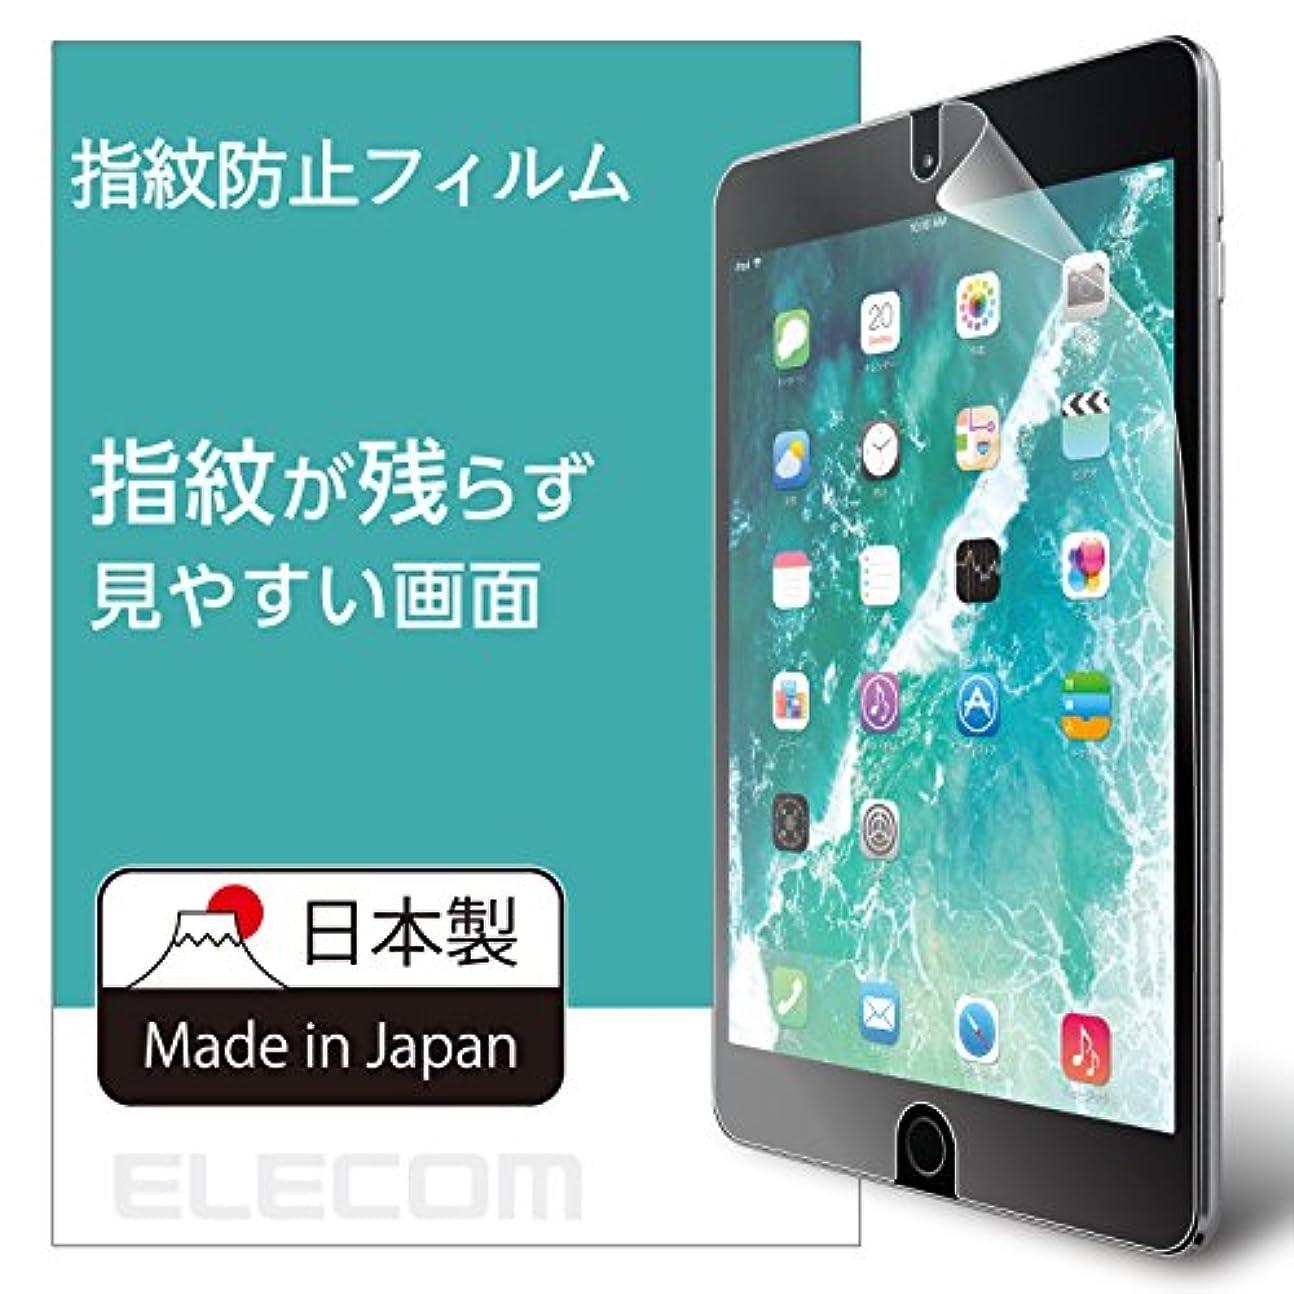 首尾一貫した電気技師必須エレコム iPad mini5 /iPad mini4 保護フィルム 指紋防止 気泡が目立たなくなるエアーレス加工 反射防止 【日本製】 TB-A17SFLFA